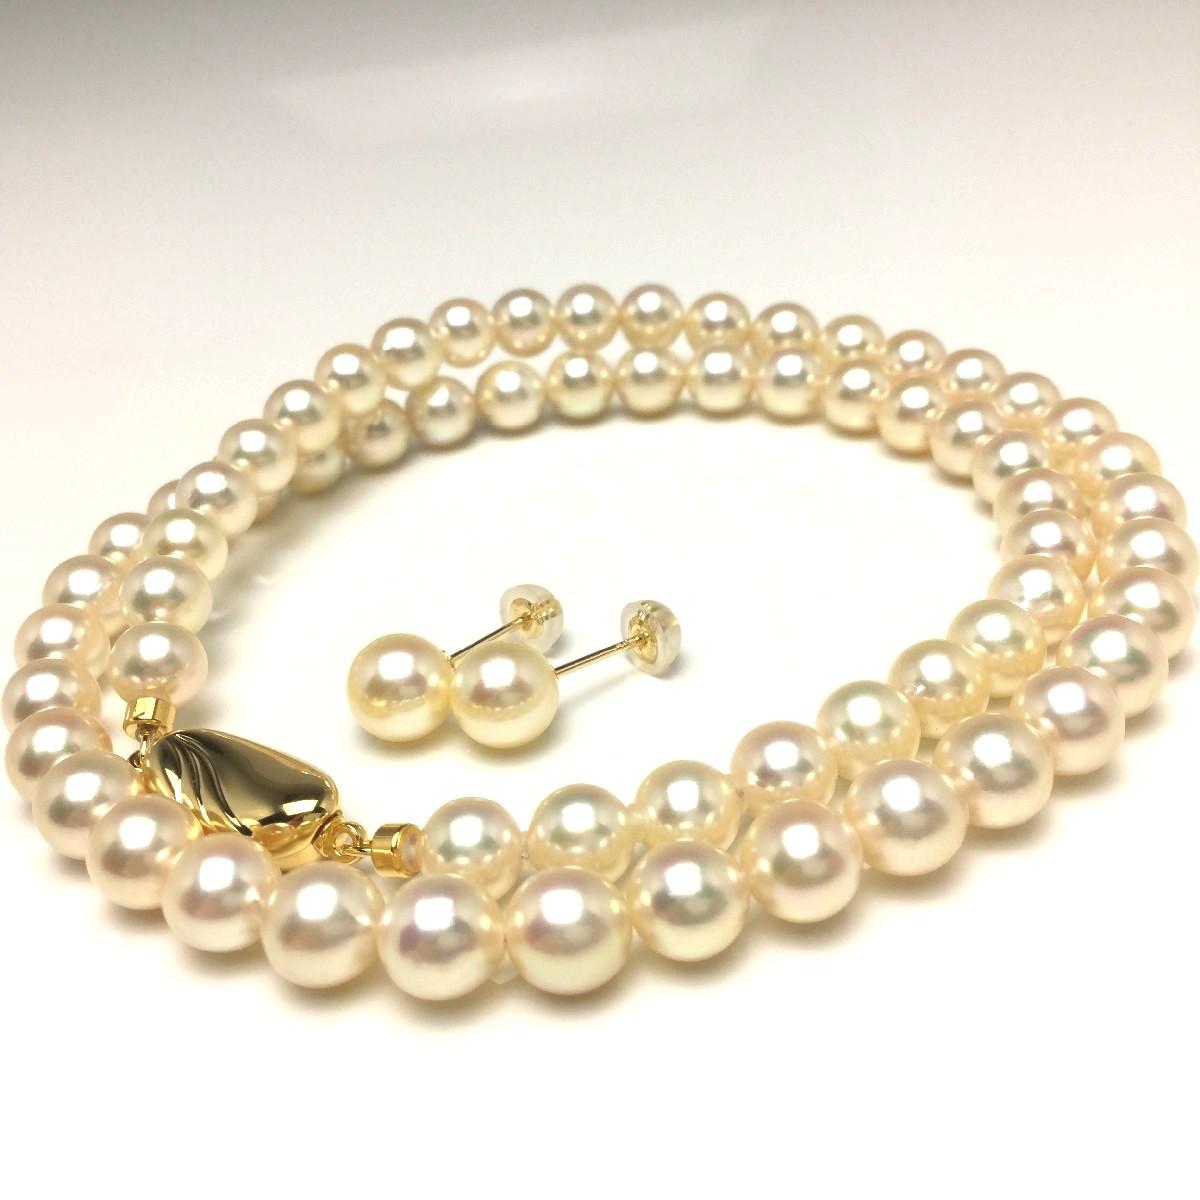 真珠 ネックレス パール アコヤ真珠 イヤリング or ピアス セット 6.0-6.5mm ライトゴールド シルバー クラスップ 66659 イソワパール